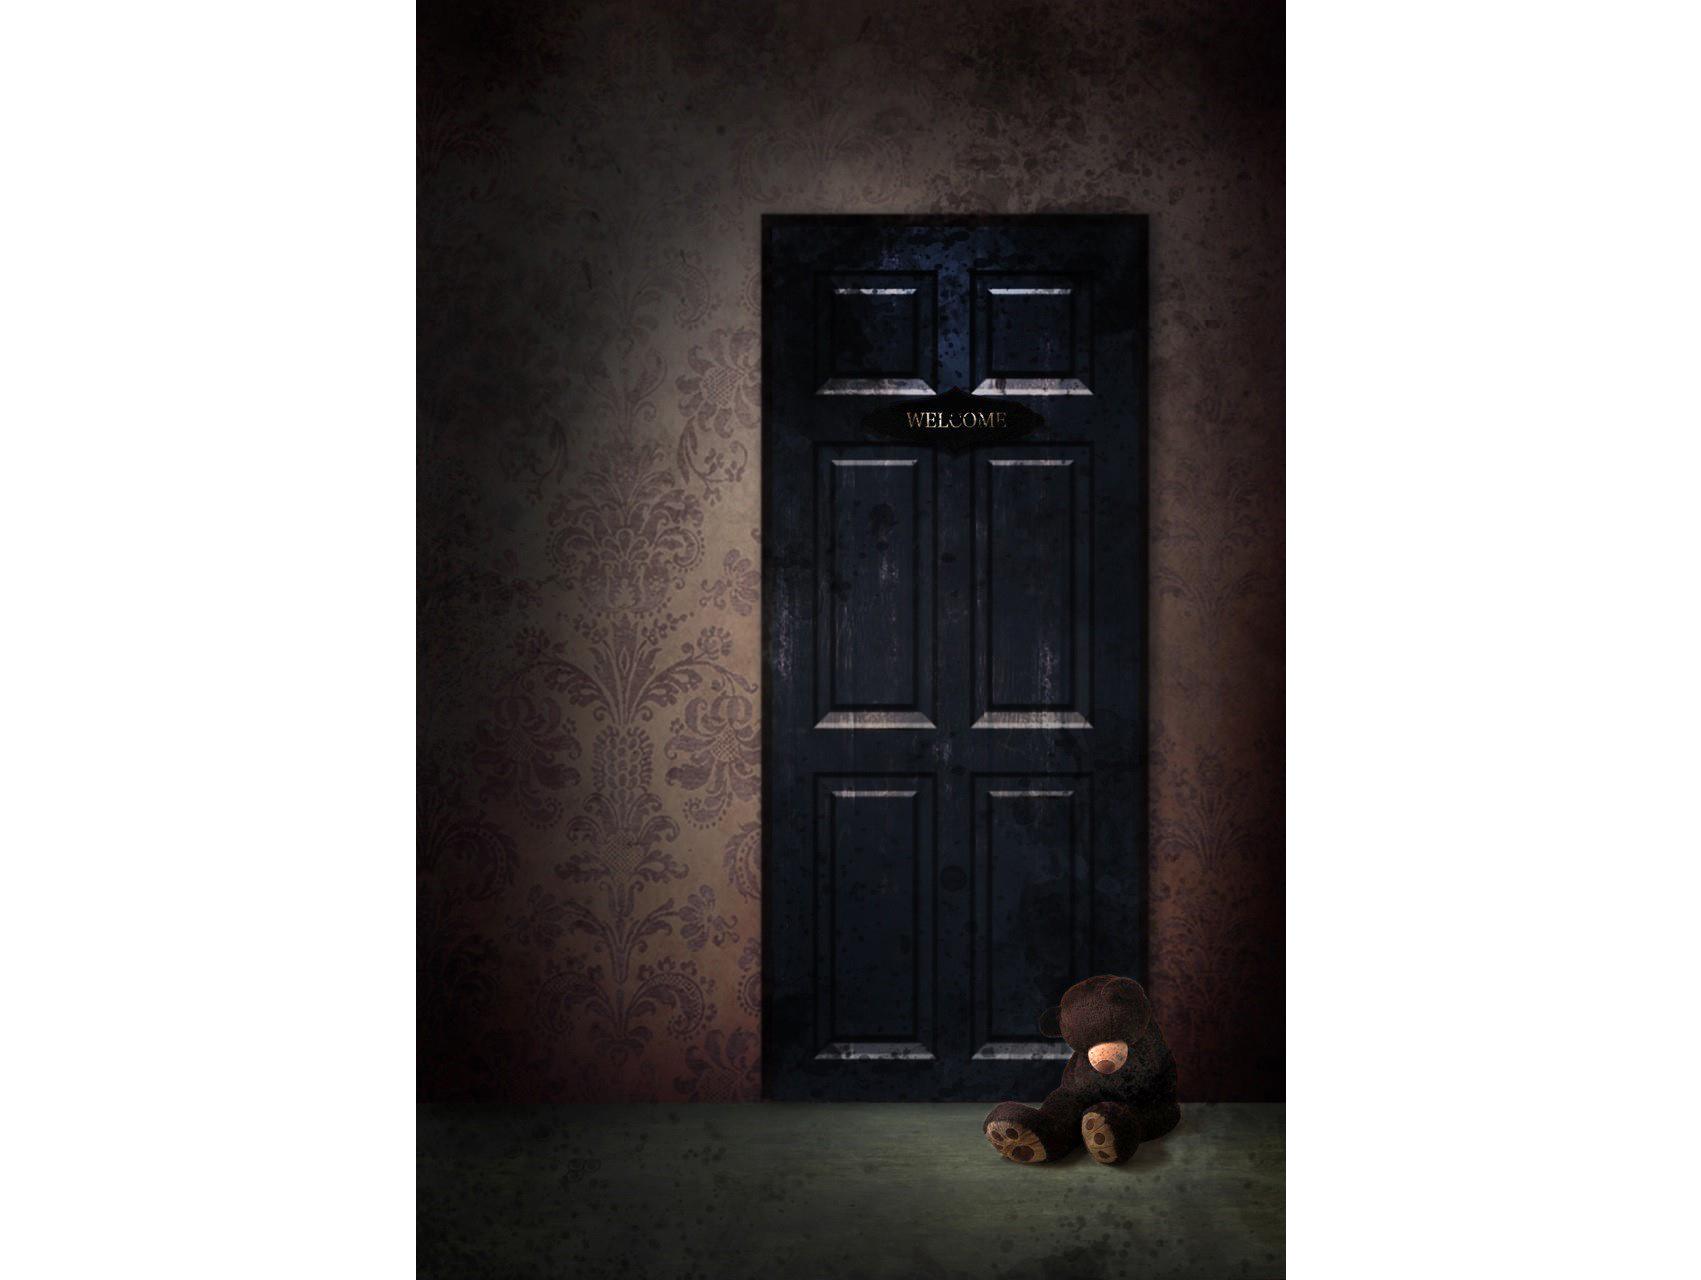 謎解きとホラーをテーマに。この部屋で、少女が失ったぬいぐるみは、はたして見つかるのか?